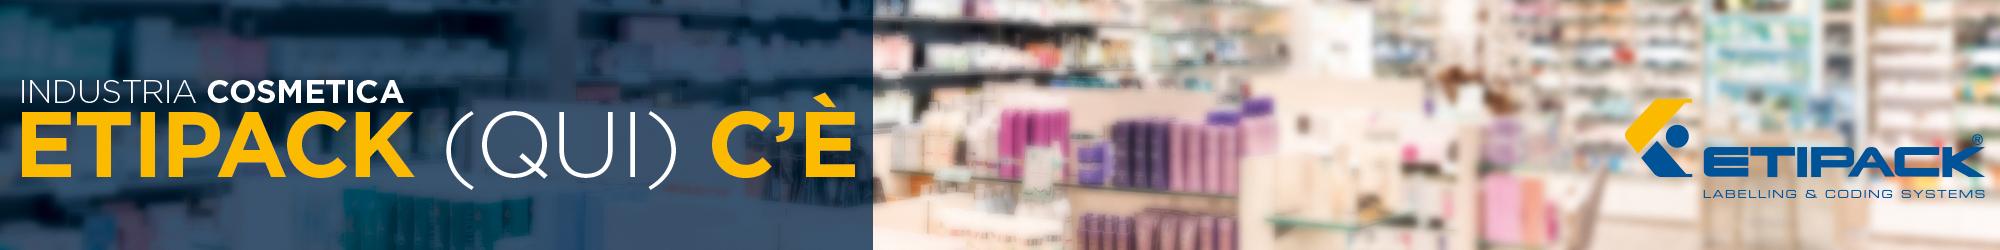 soggetto Cosmetica